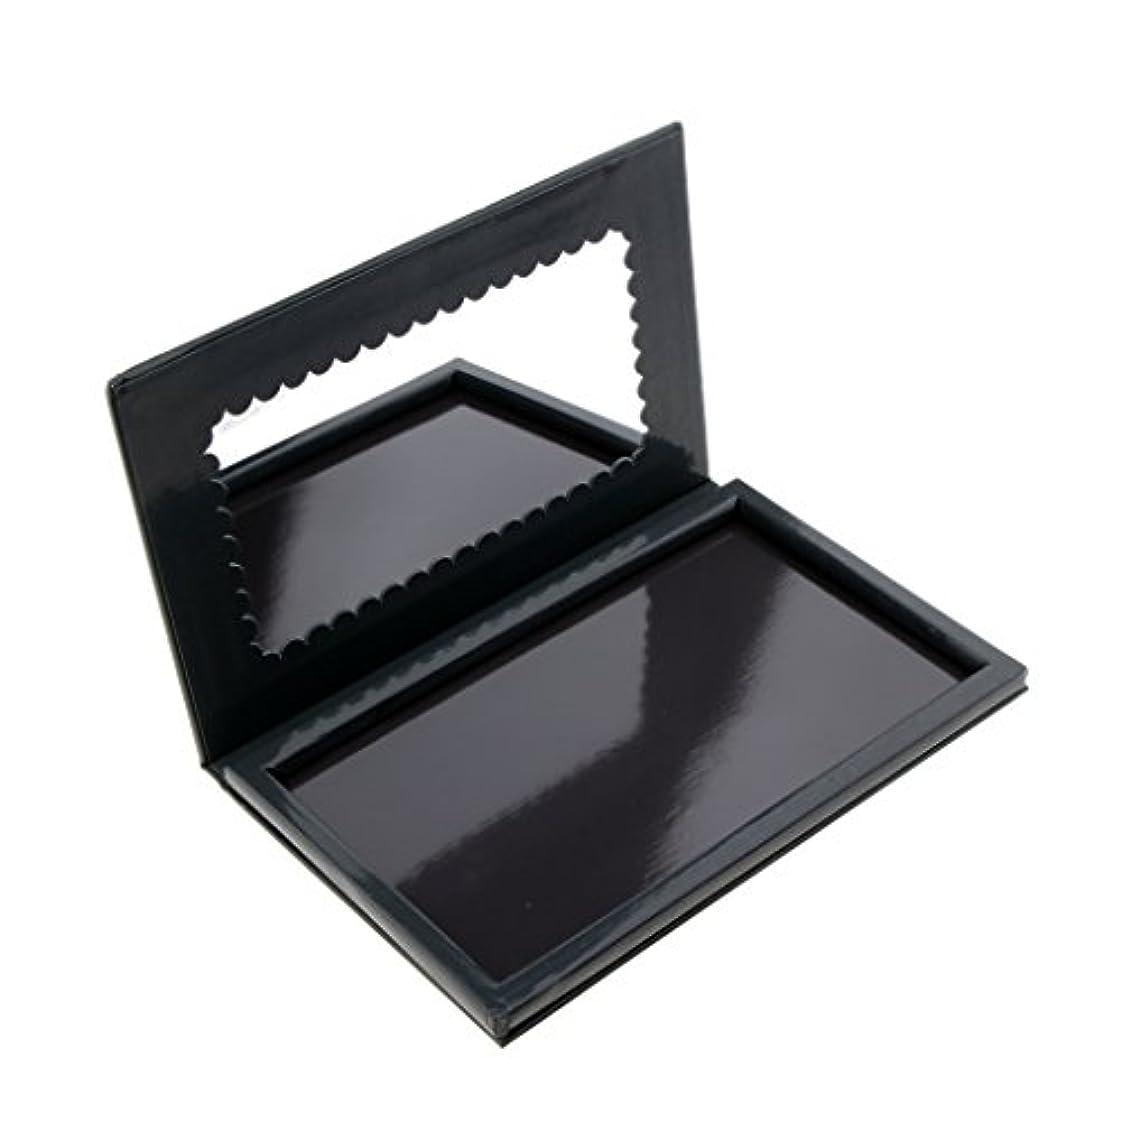 メタリック出血トリプルHomyl メイクアップパレット 磁気パレット コスメ 詰替え DIY 収納 ボックス メイクアップ